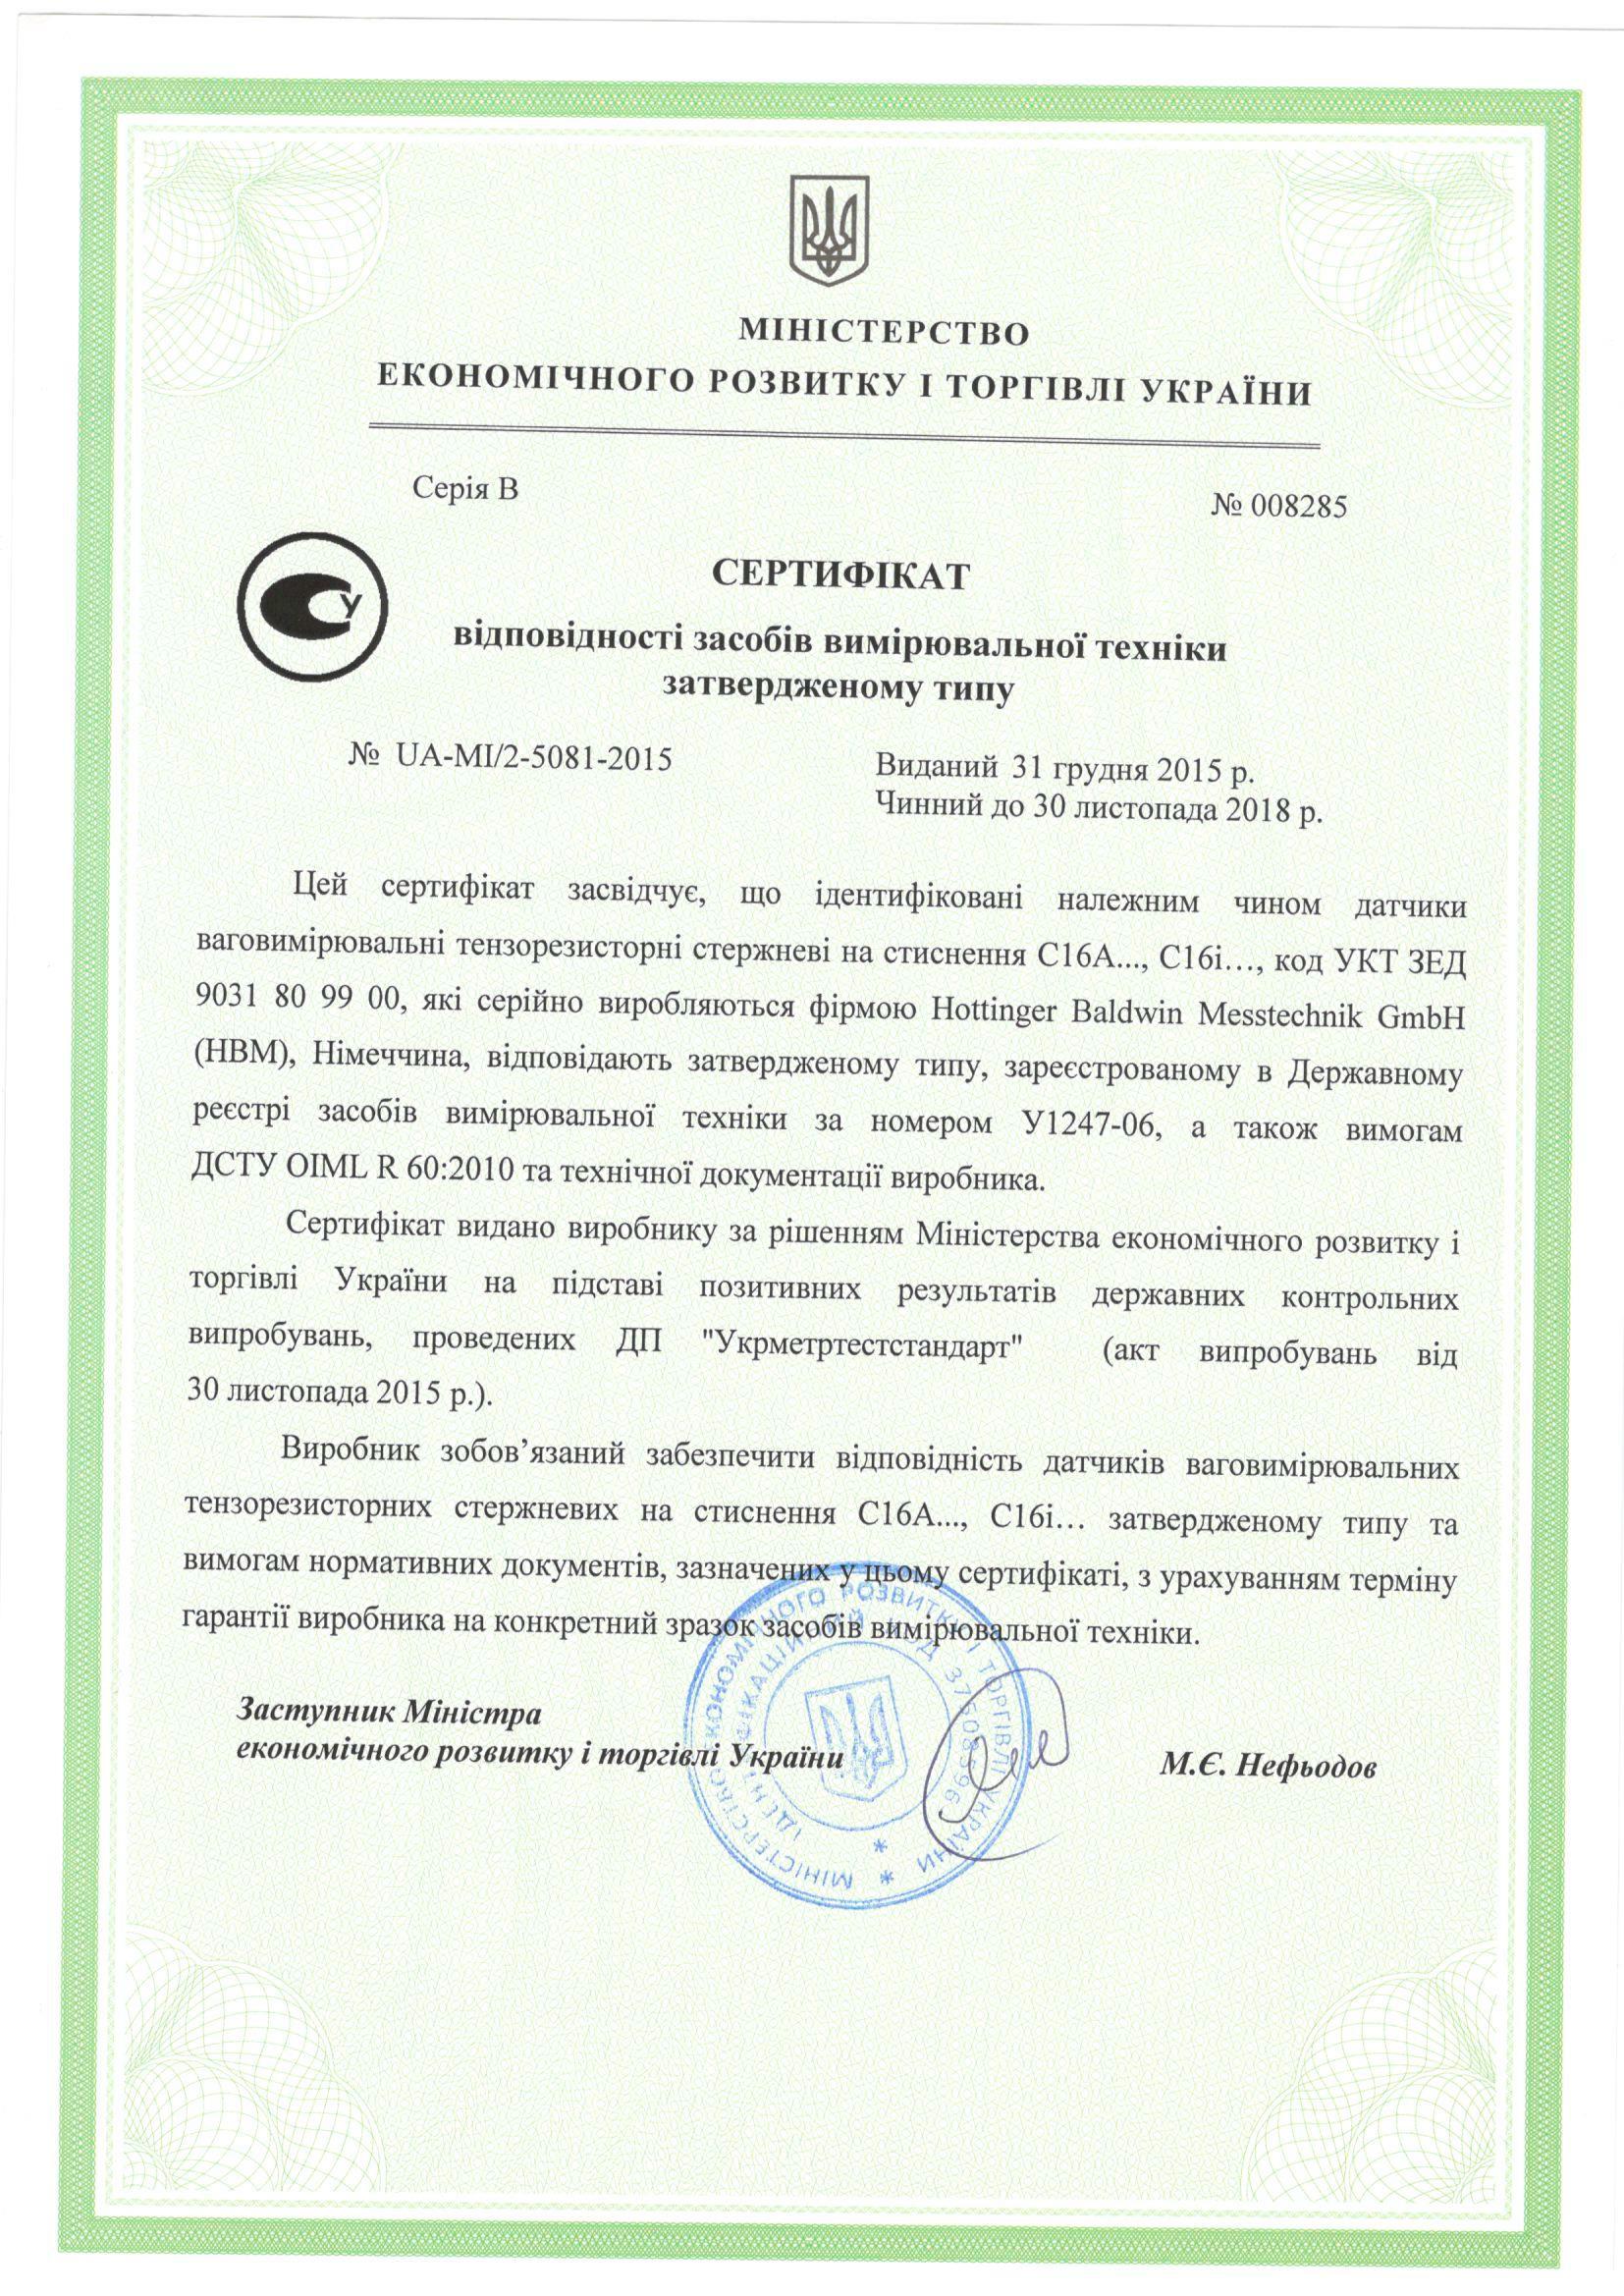 Сертифікат С16A,C16I_Німеччина